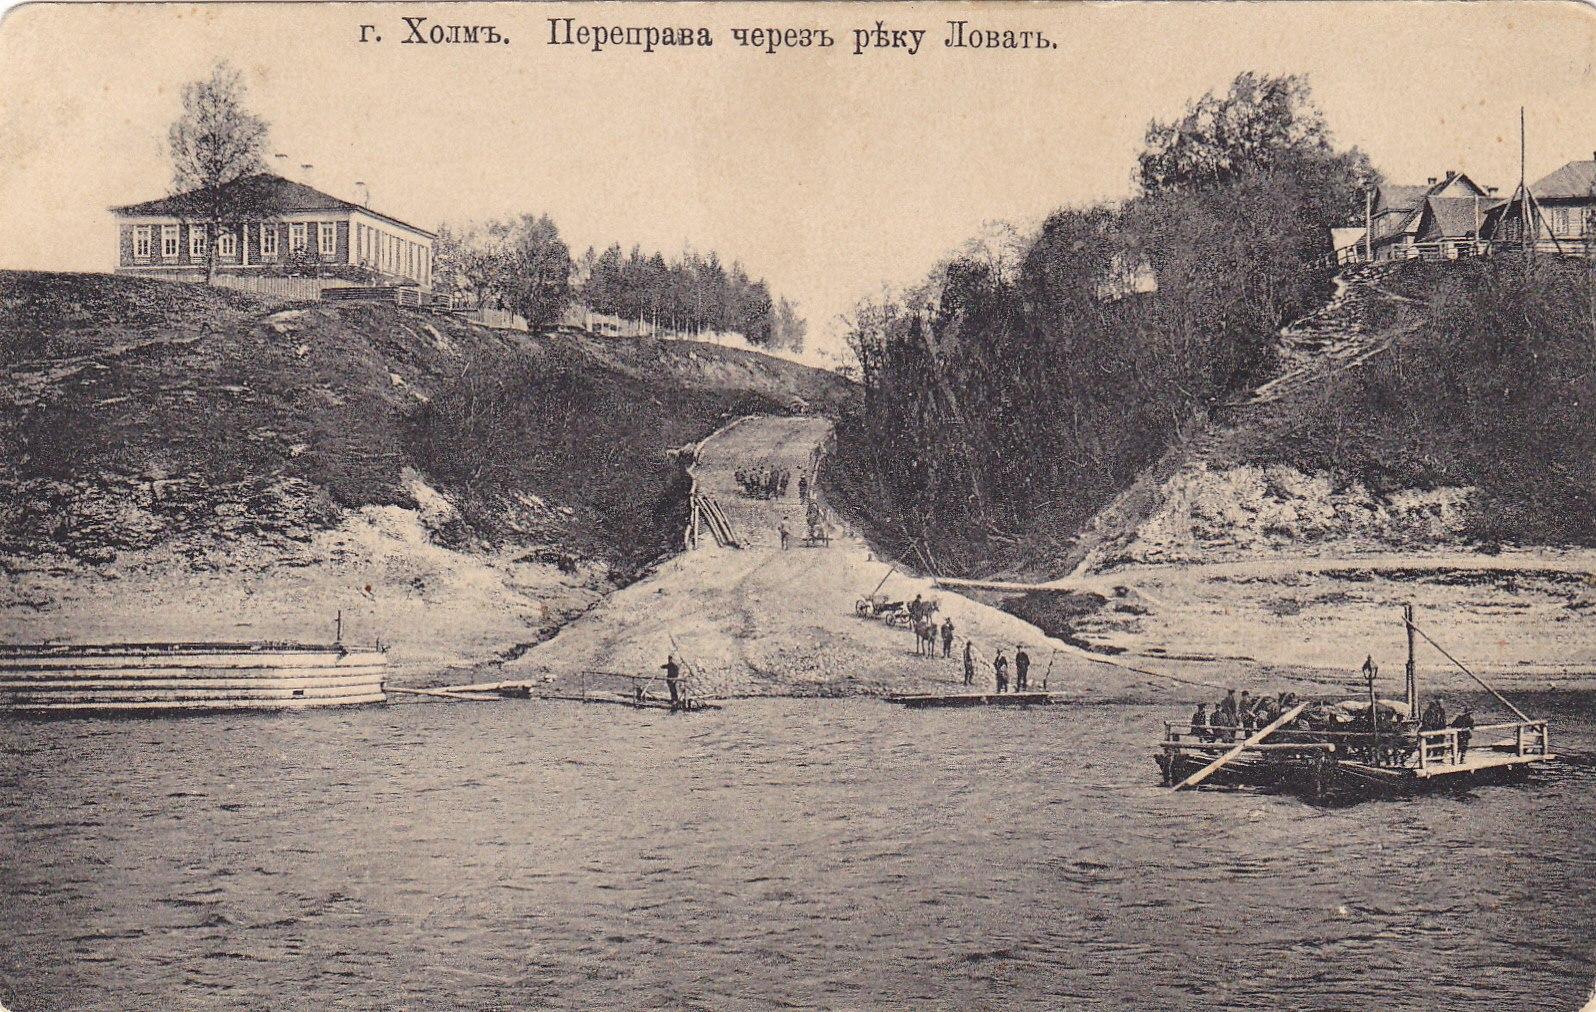 Переправа через реку Ловать